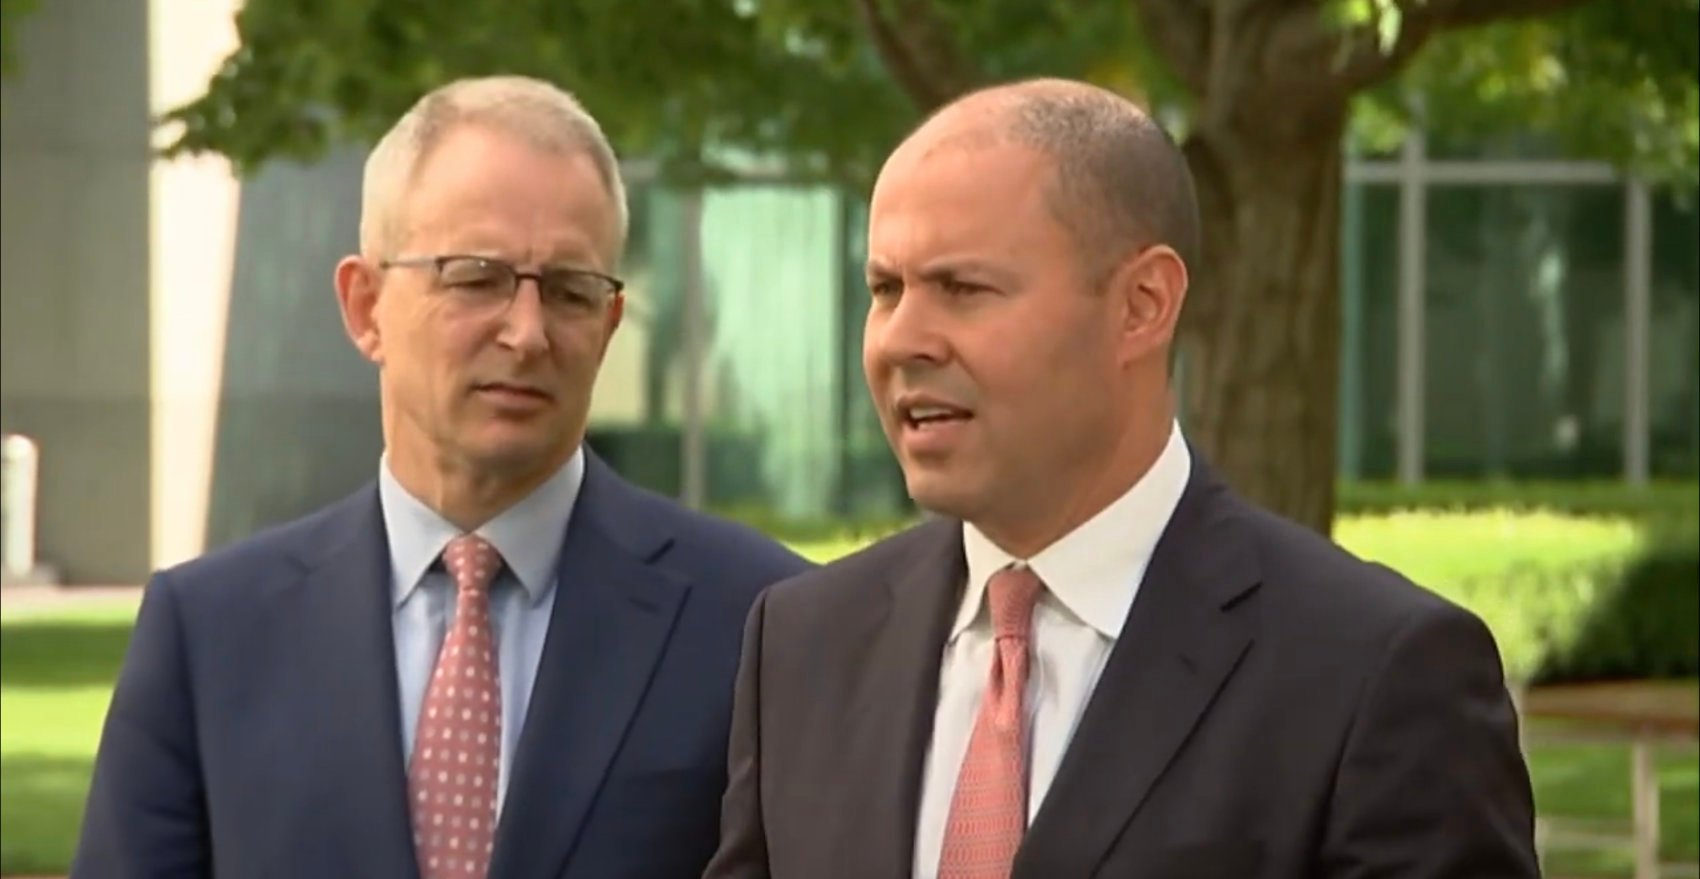 Australian Treasurer Josh Frydenberg (right) and Minister for Communications Paul Fletcher (left)